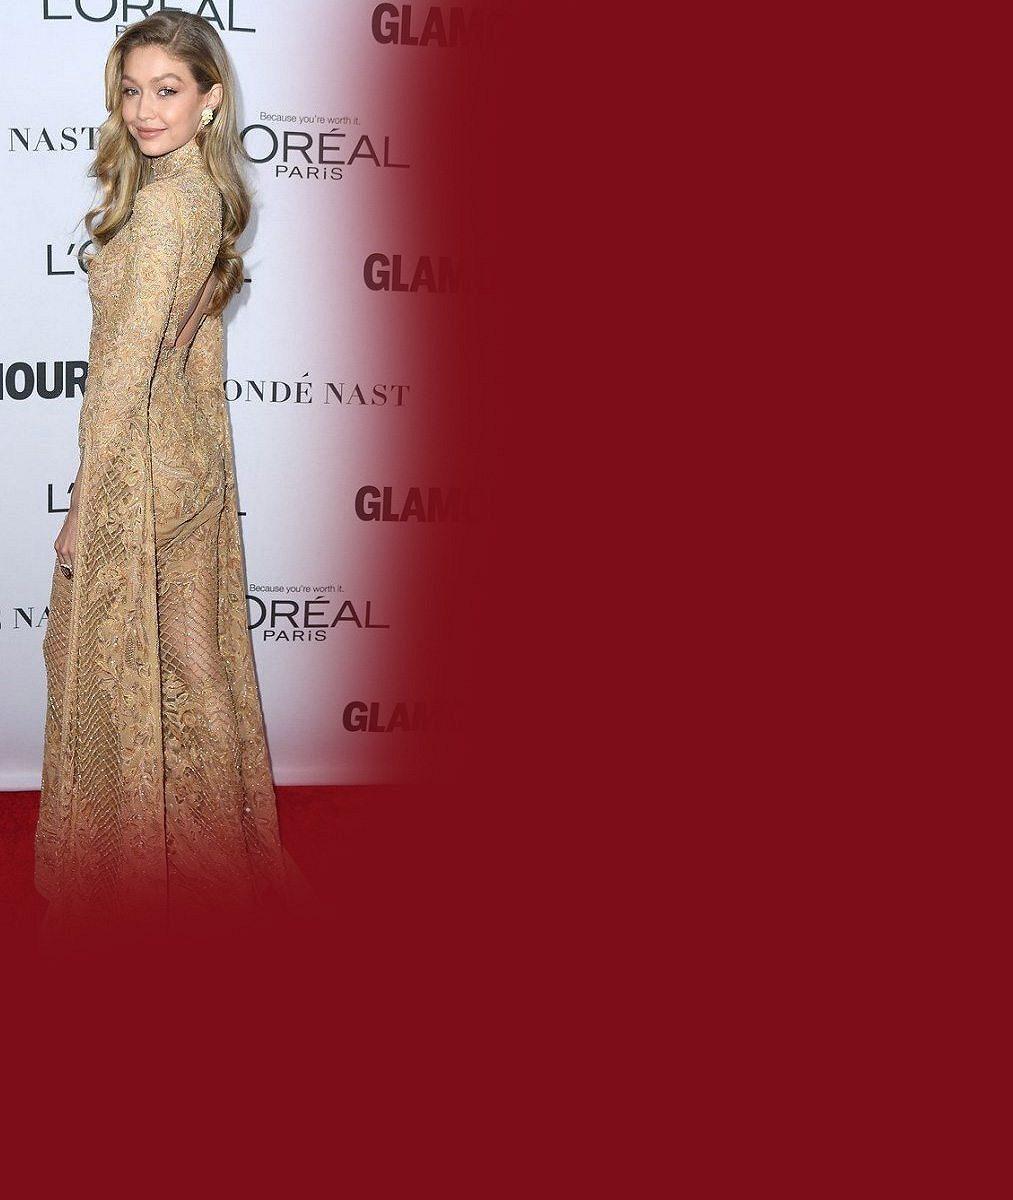 Galavečer ovládlo rodinné trio: Bývalou modelku doprovodily krásné dcery kráčející v jejích stopách